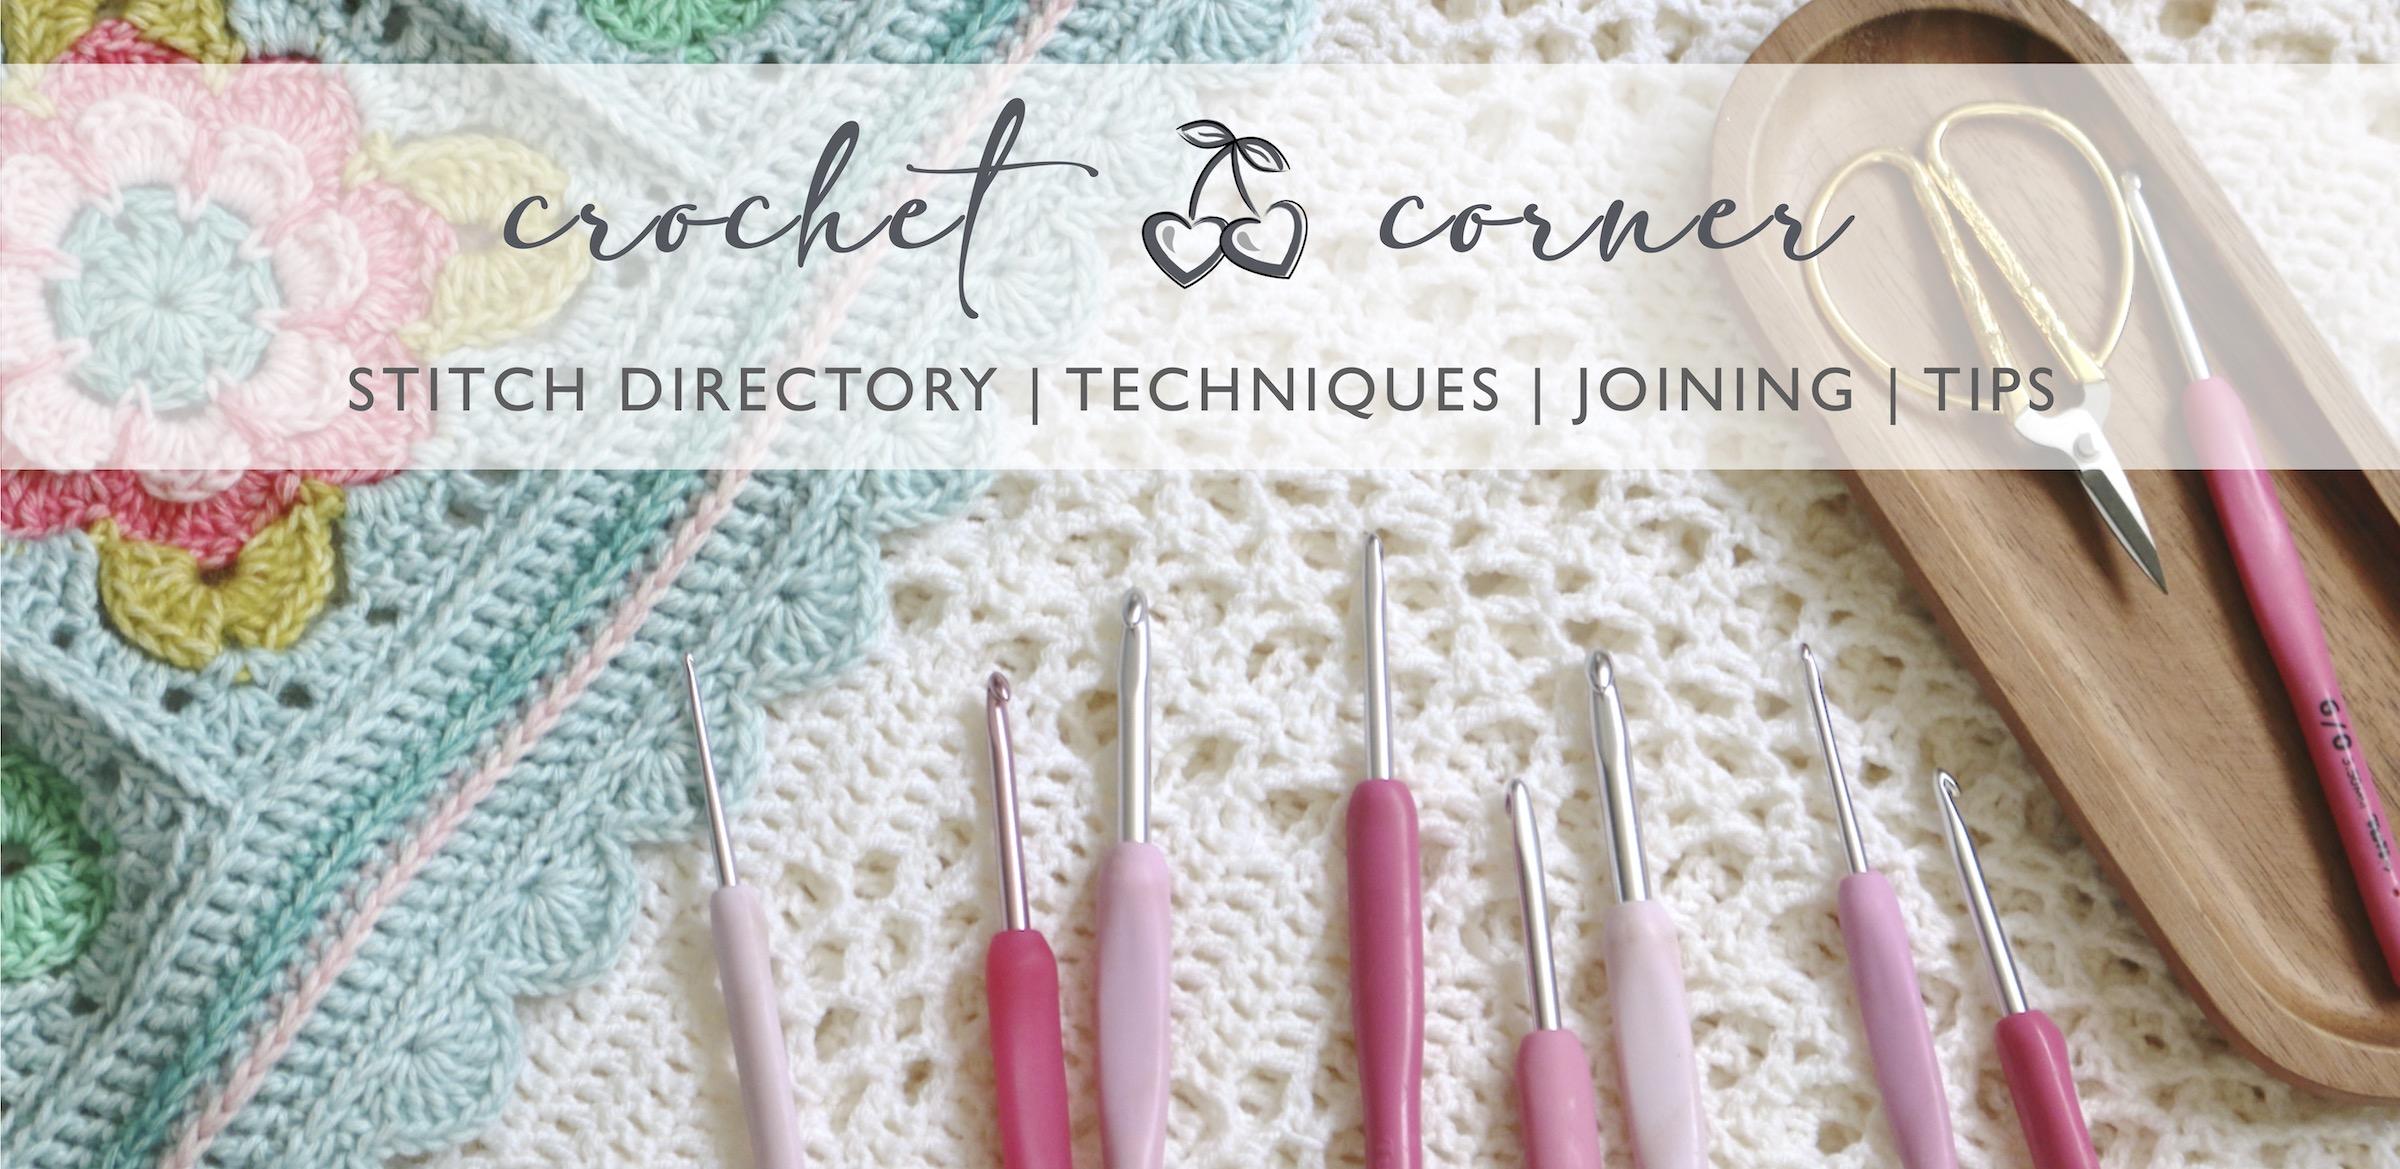 Crochet Corner Link